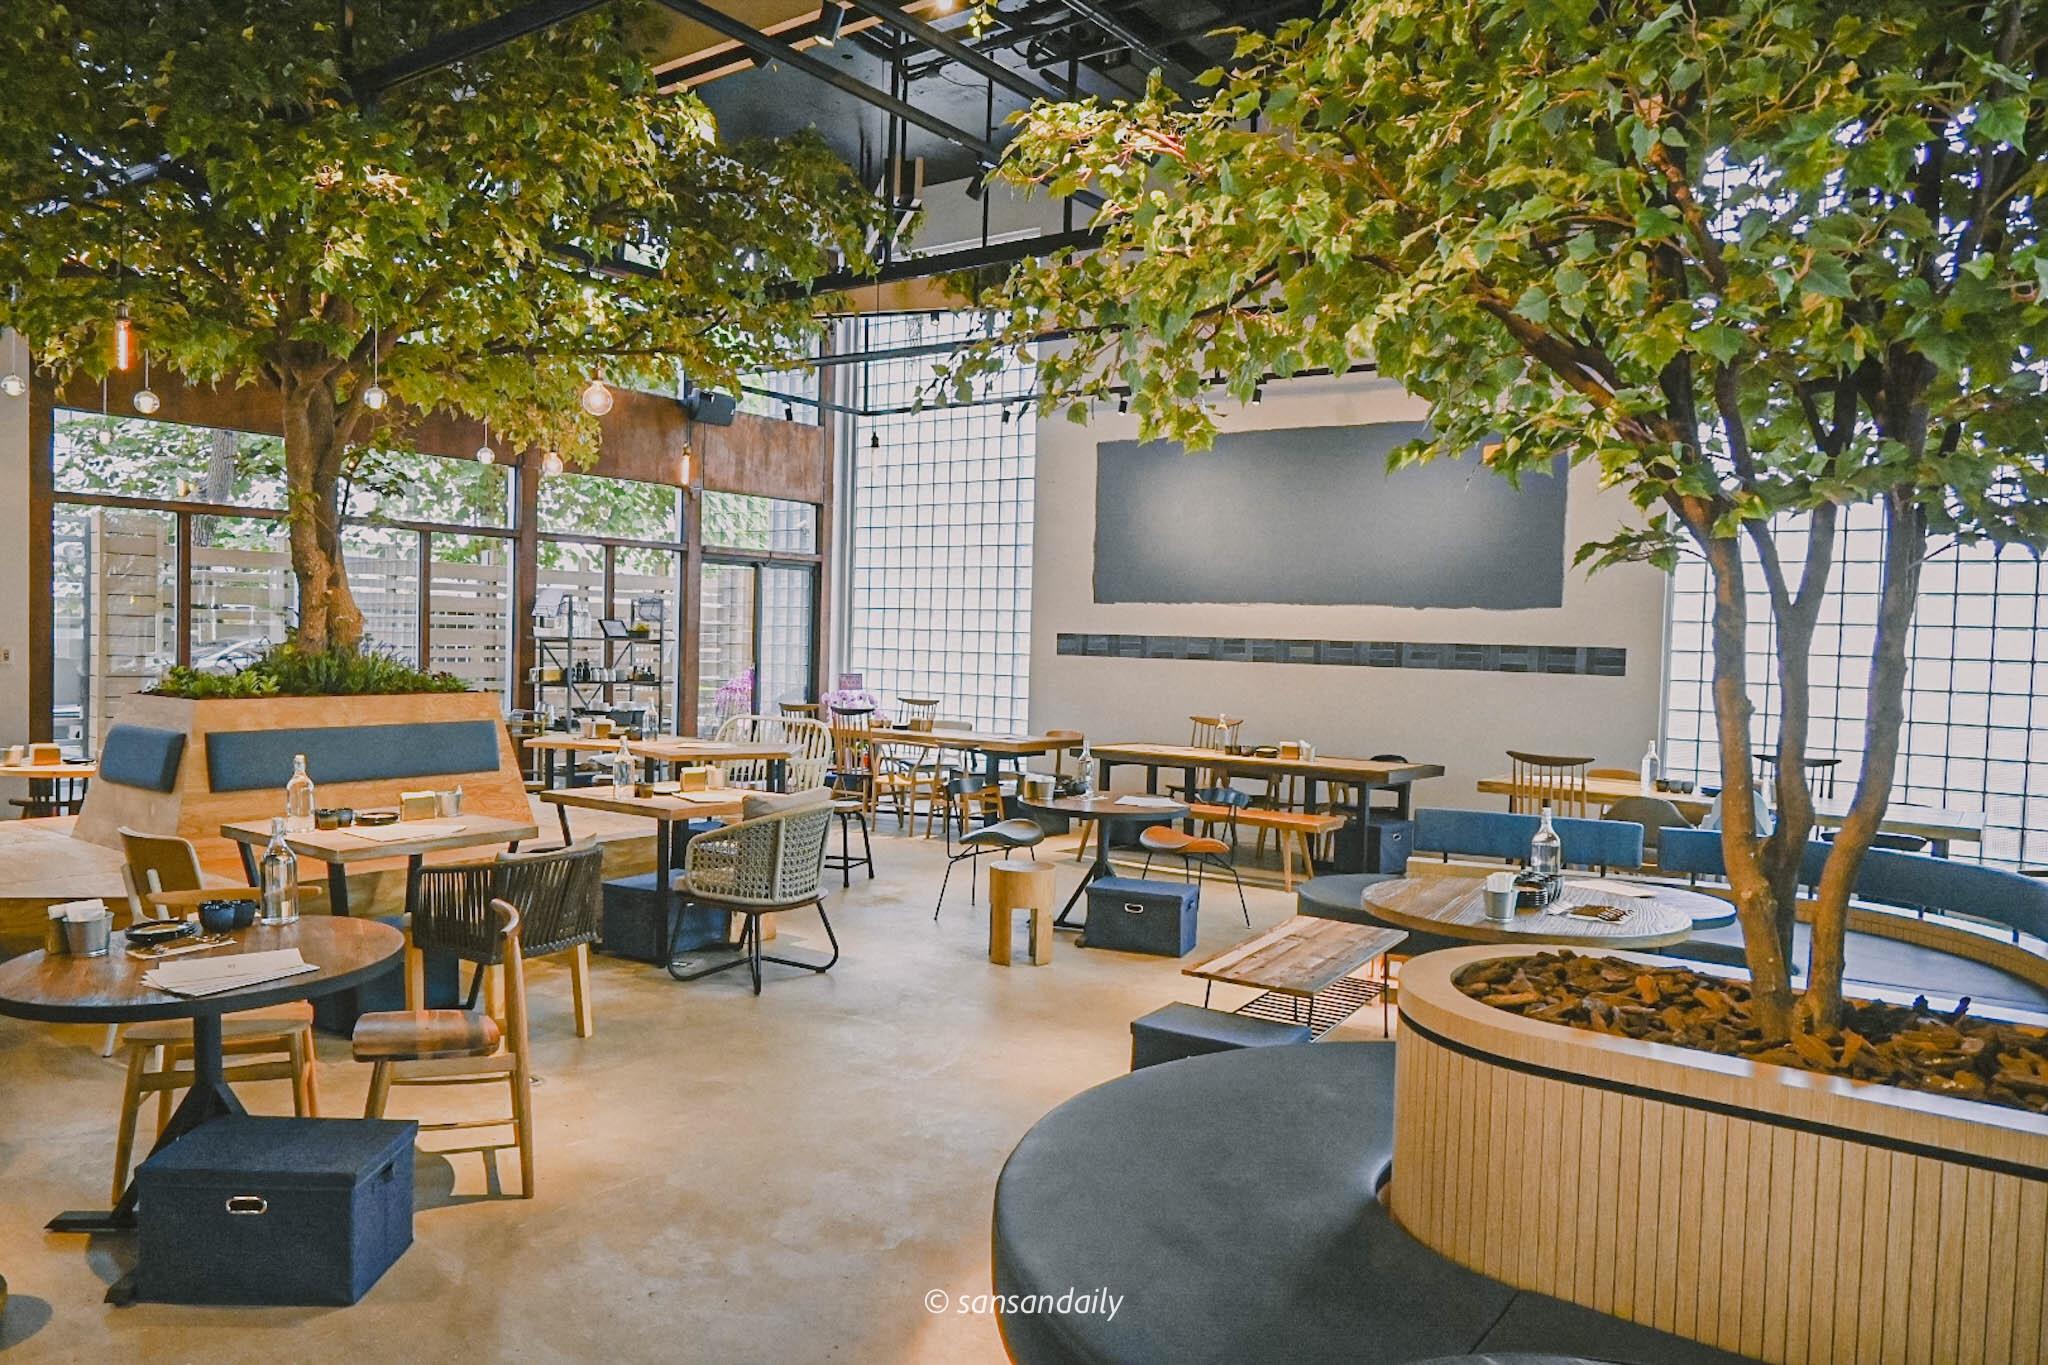 GUMGUM Beer & Wings雞翅酒吧內科店 餐廳內部側拍視角圖